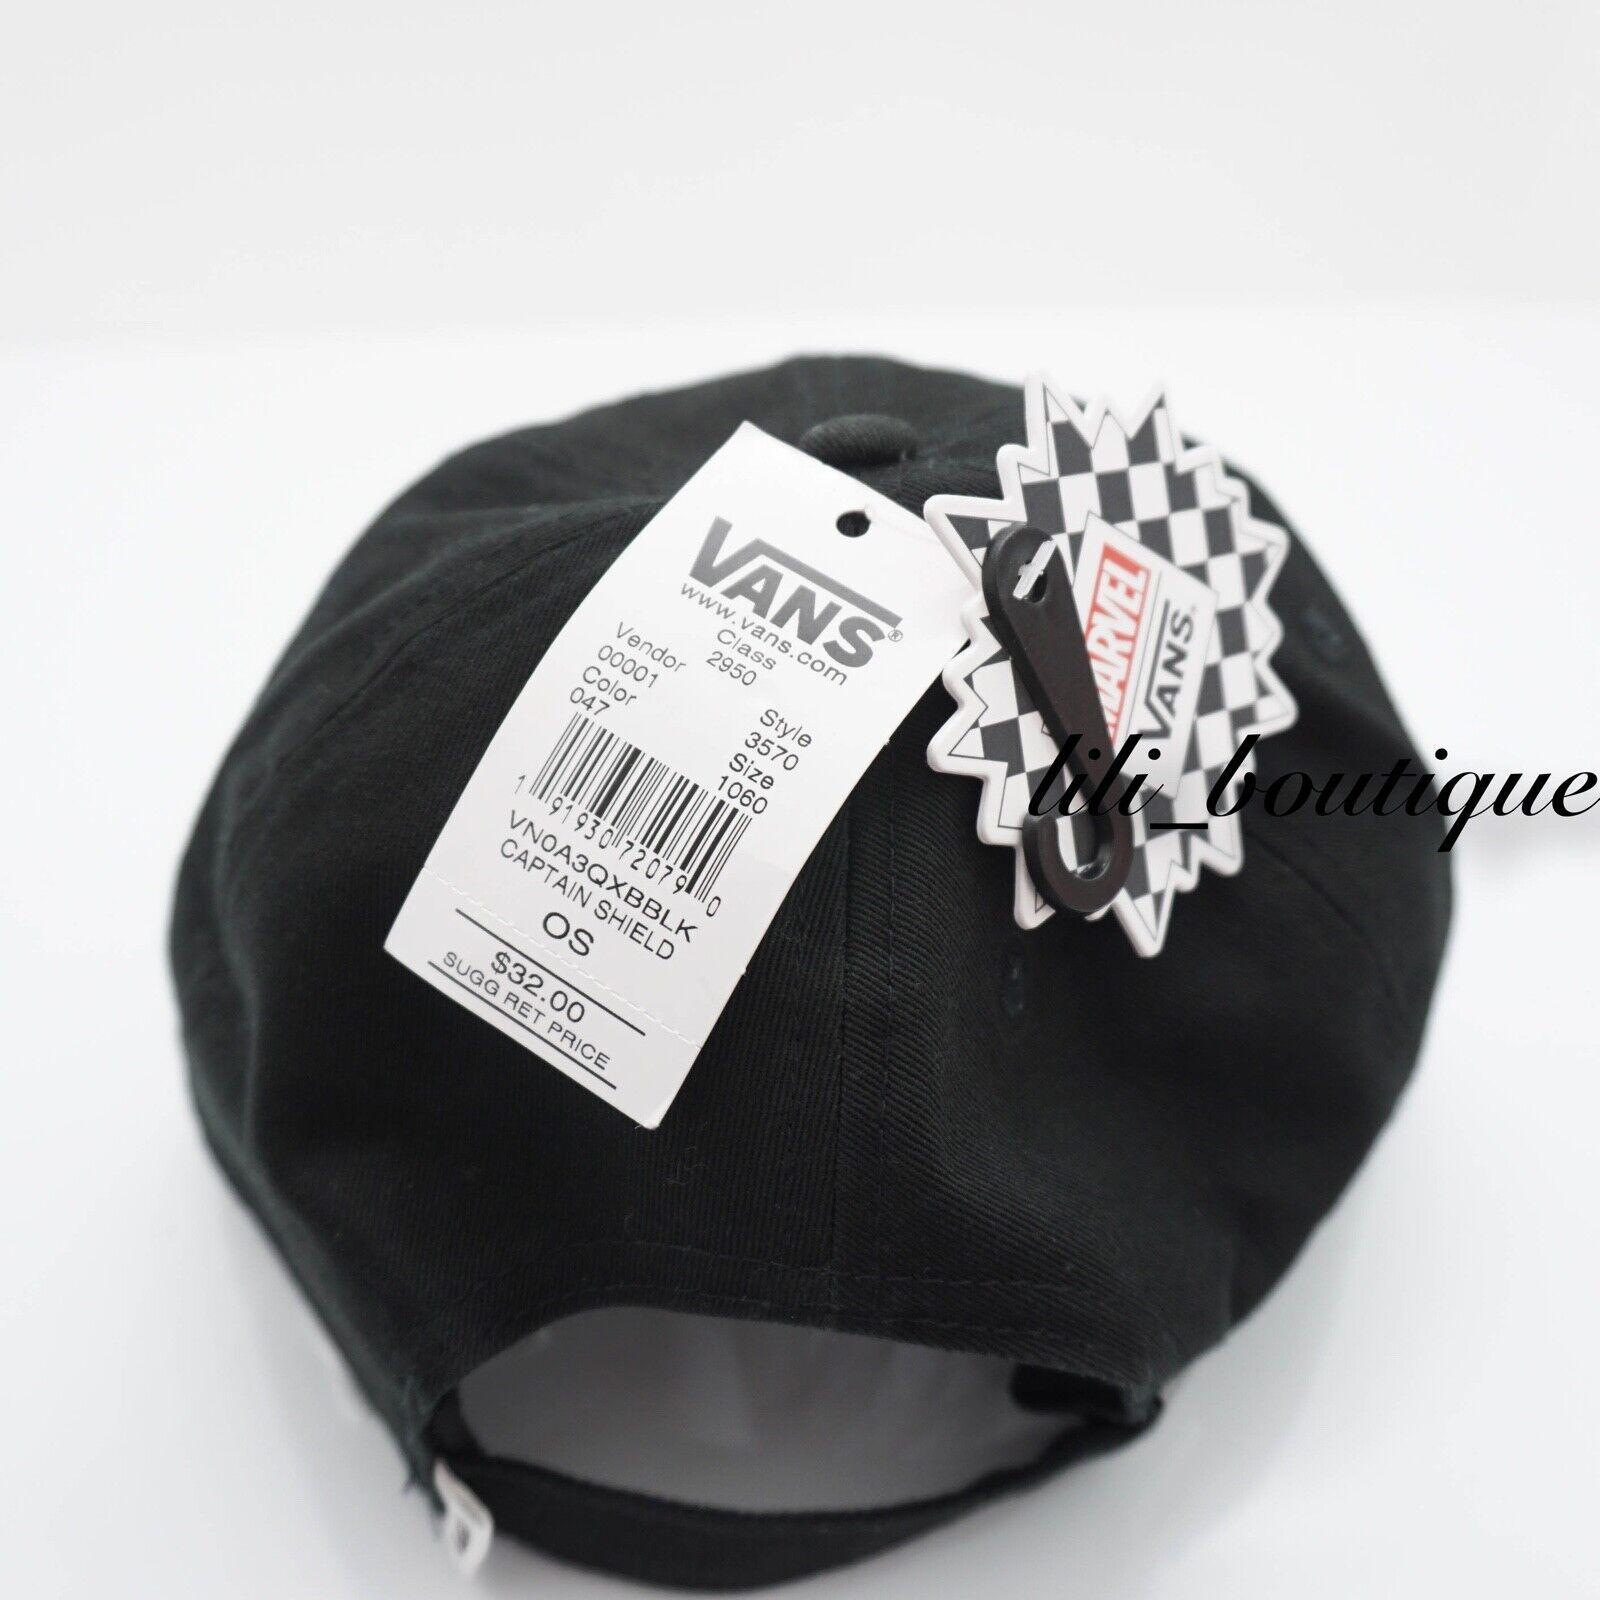 4615f0a45cd79 VANS X Marvel Captain America Shield Strapback Hat VN0A3QXBBLK Black for  sale online